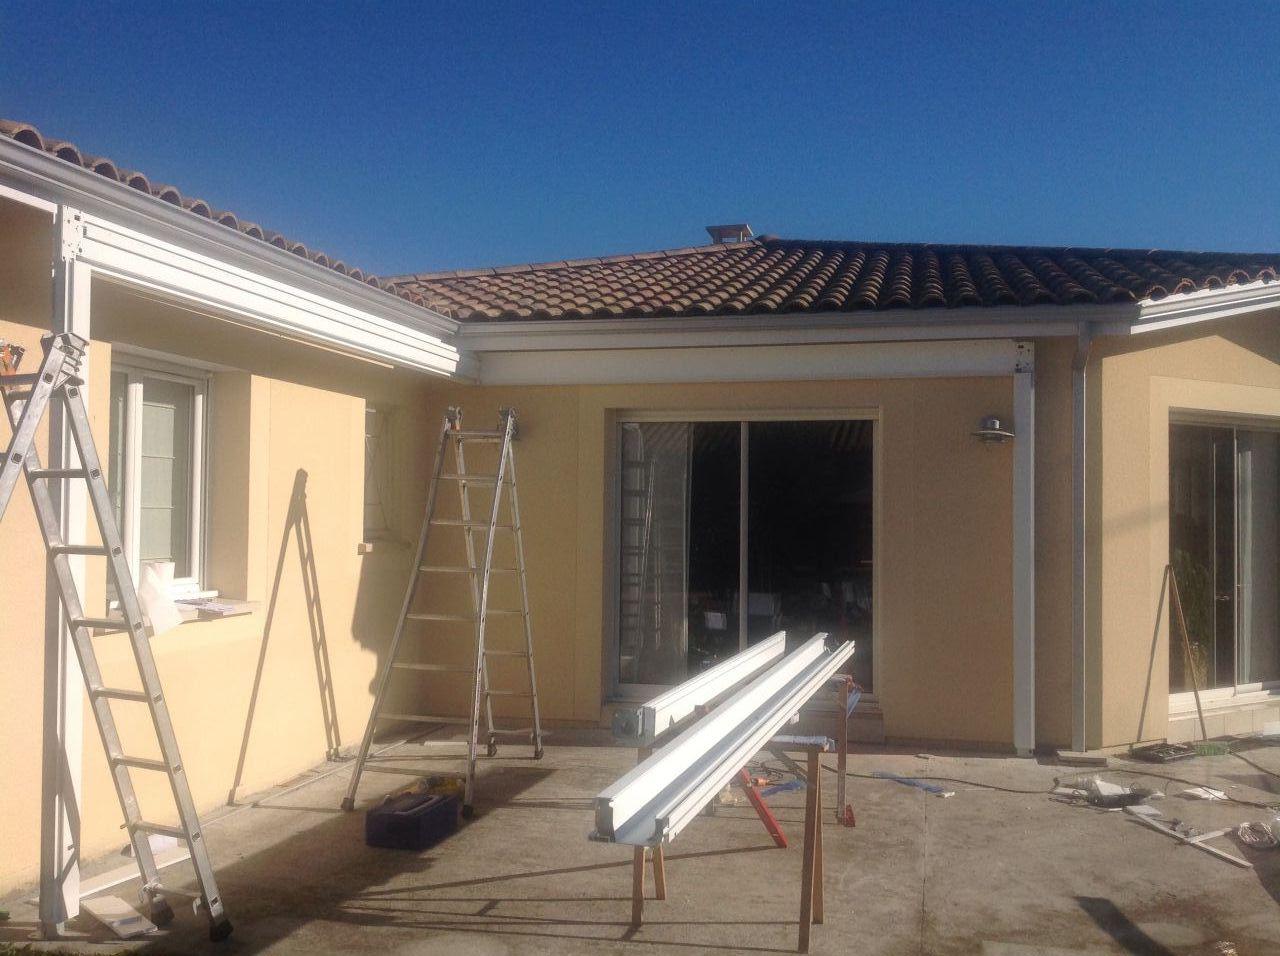 travaux ext rieurs malgr la m t o news terrasse est en gravier stabilis s st pierre de. Black Bedroom Furniture Sets. Home Design Ideas